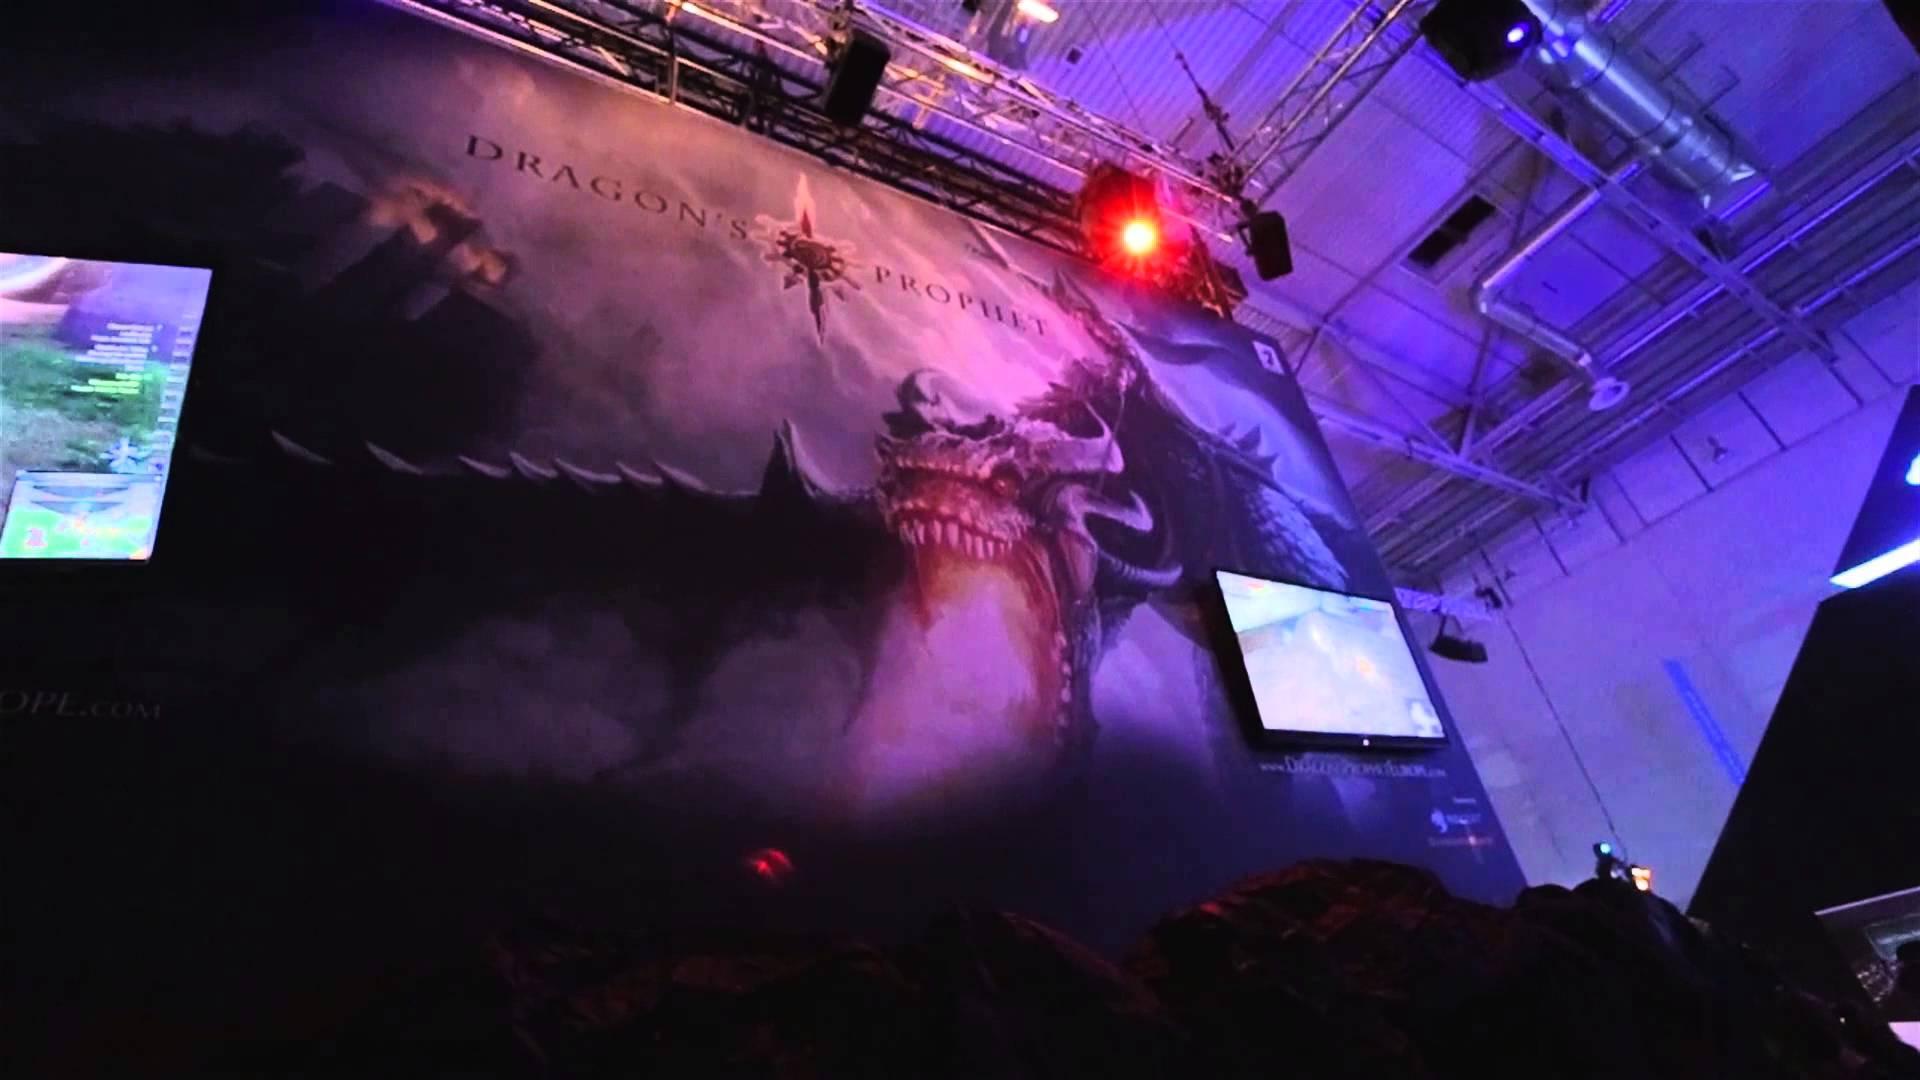 Dragon's Prophet – Making of Gamescom 2013